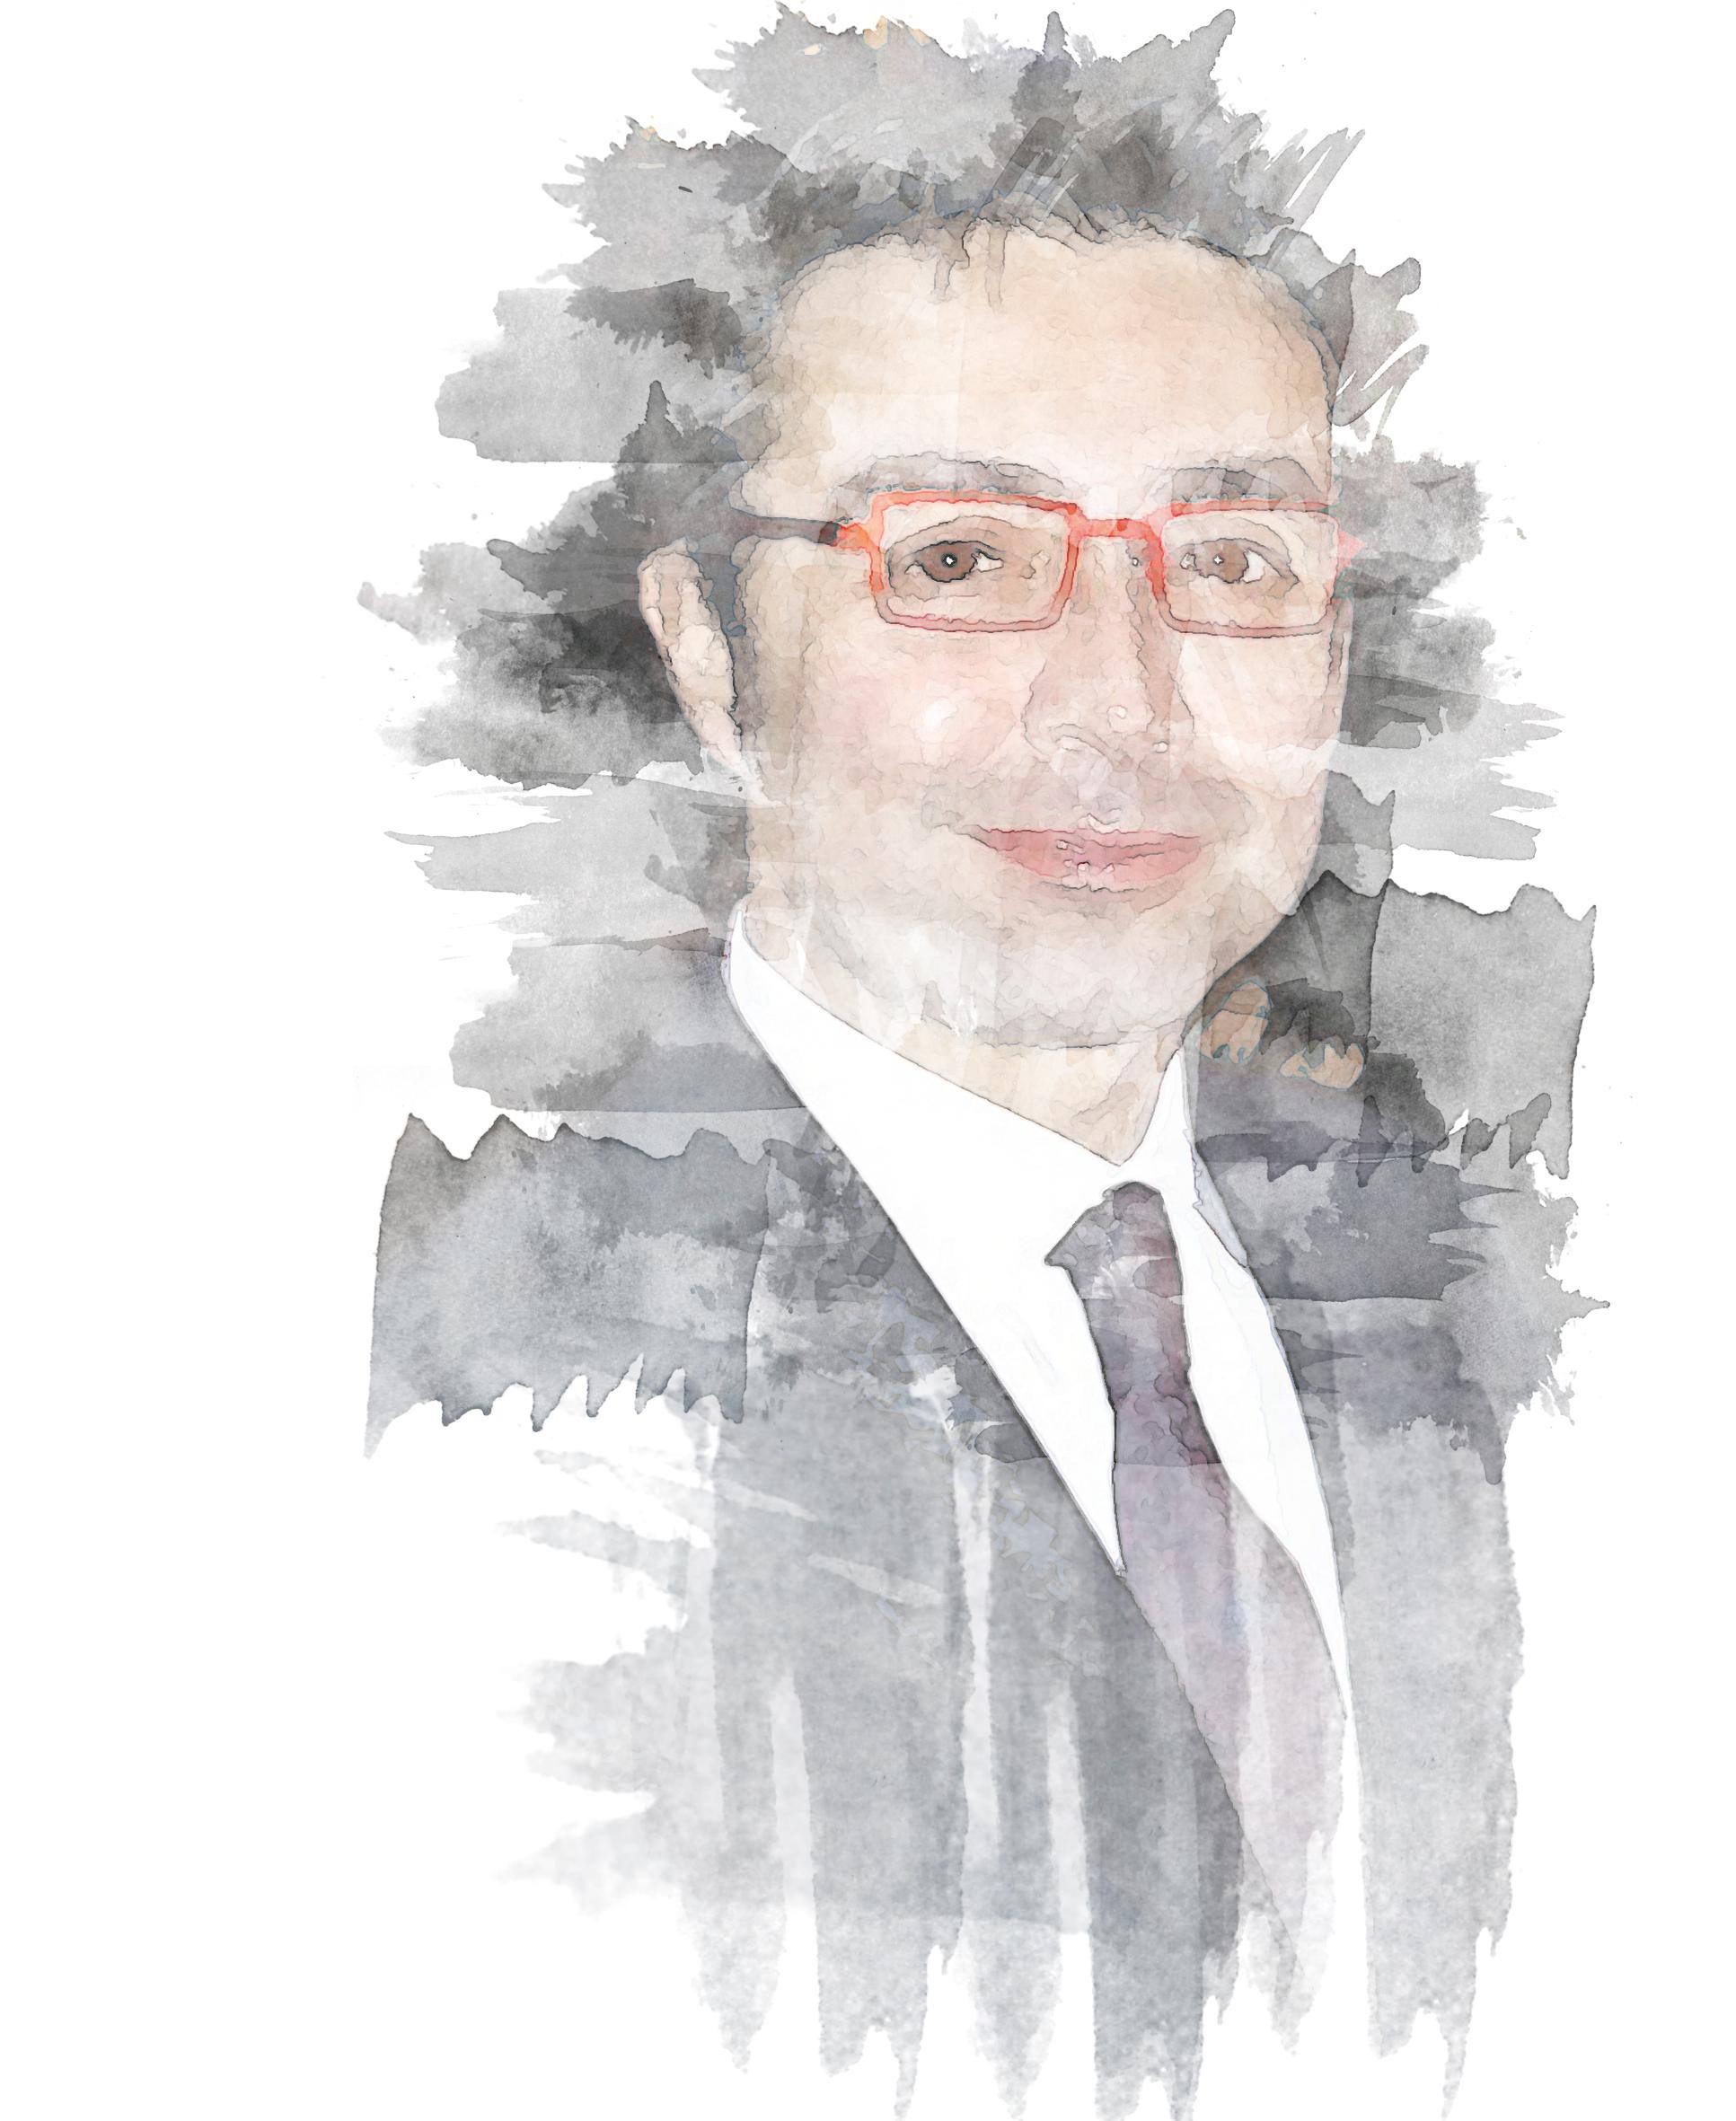 Studio legale VBS - Specialisti in consulenze BIM - Assistenza nella redazione della documentazione e della progettazione BIM per il settore pubblico nelle gare d'appalto. Venezia e Milano.